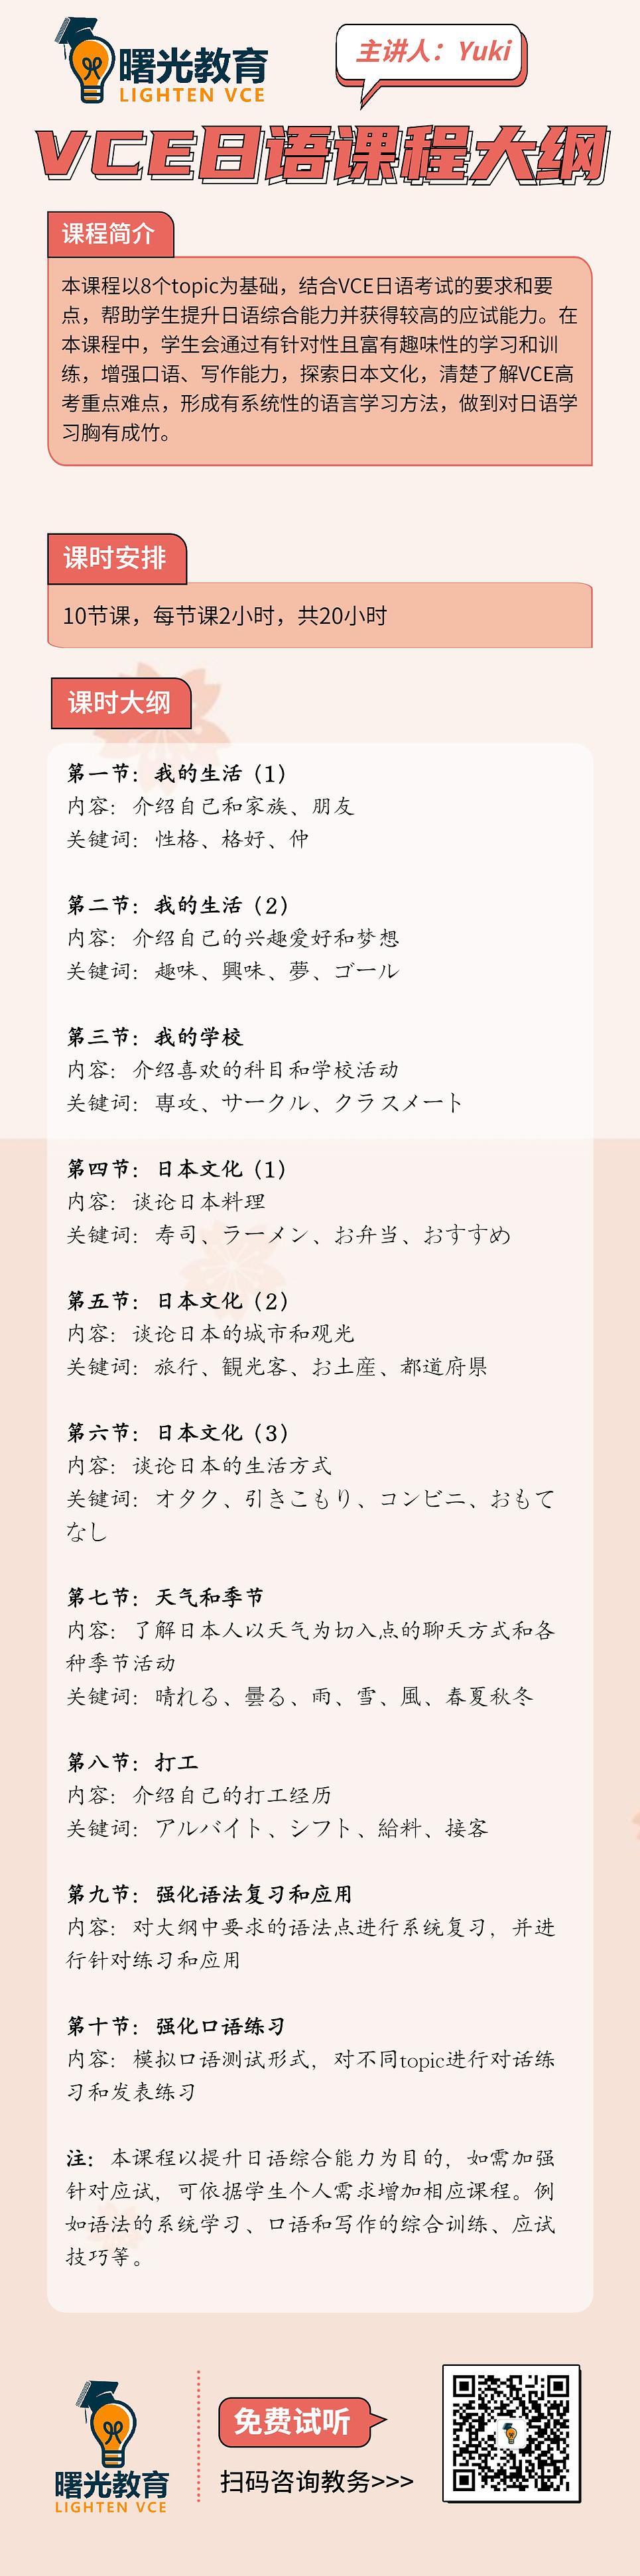 VCE日语教学大纲.jpg